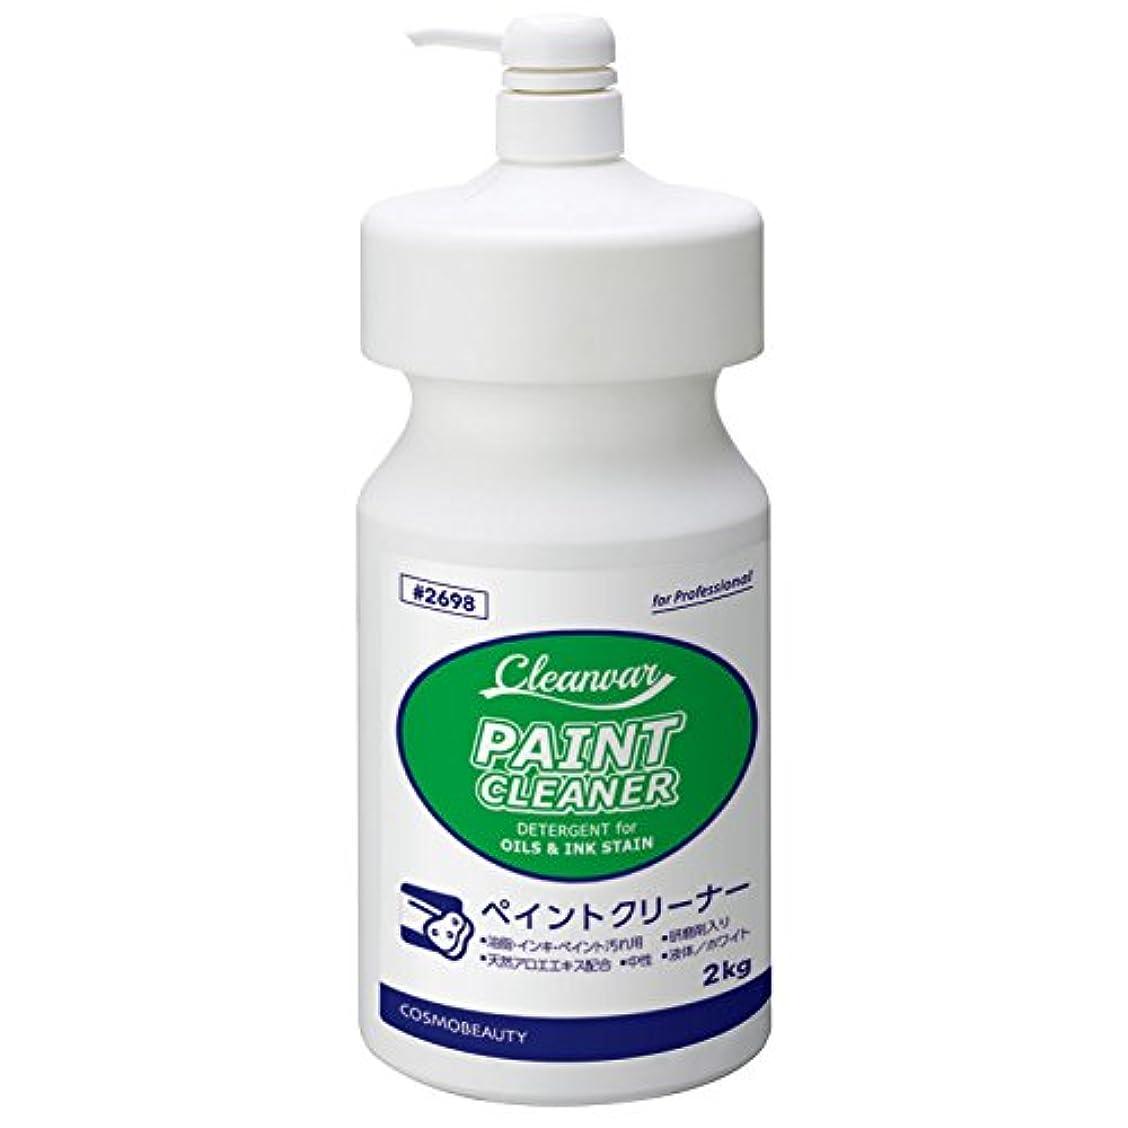 血まみれ空気習熟度コスモビューティー 業務用ペンキ落とし洗剤 ペイントクリーナー(旧名:アロエペイントクリーナー)2kg 2698